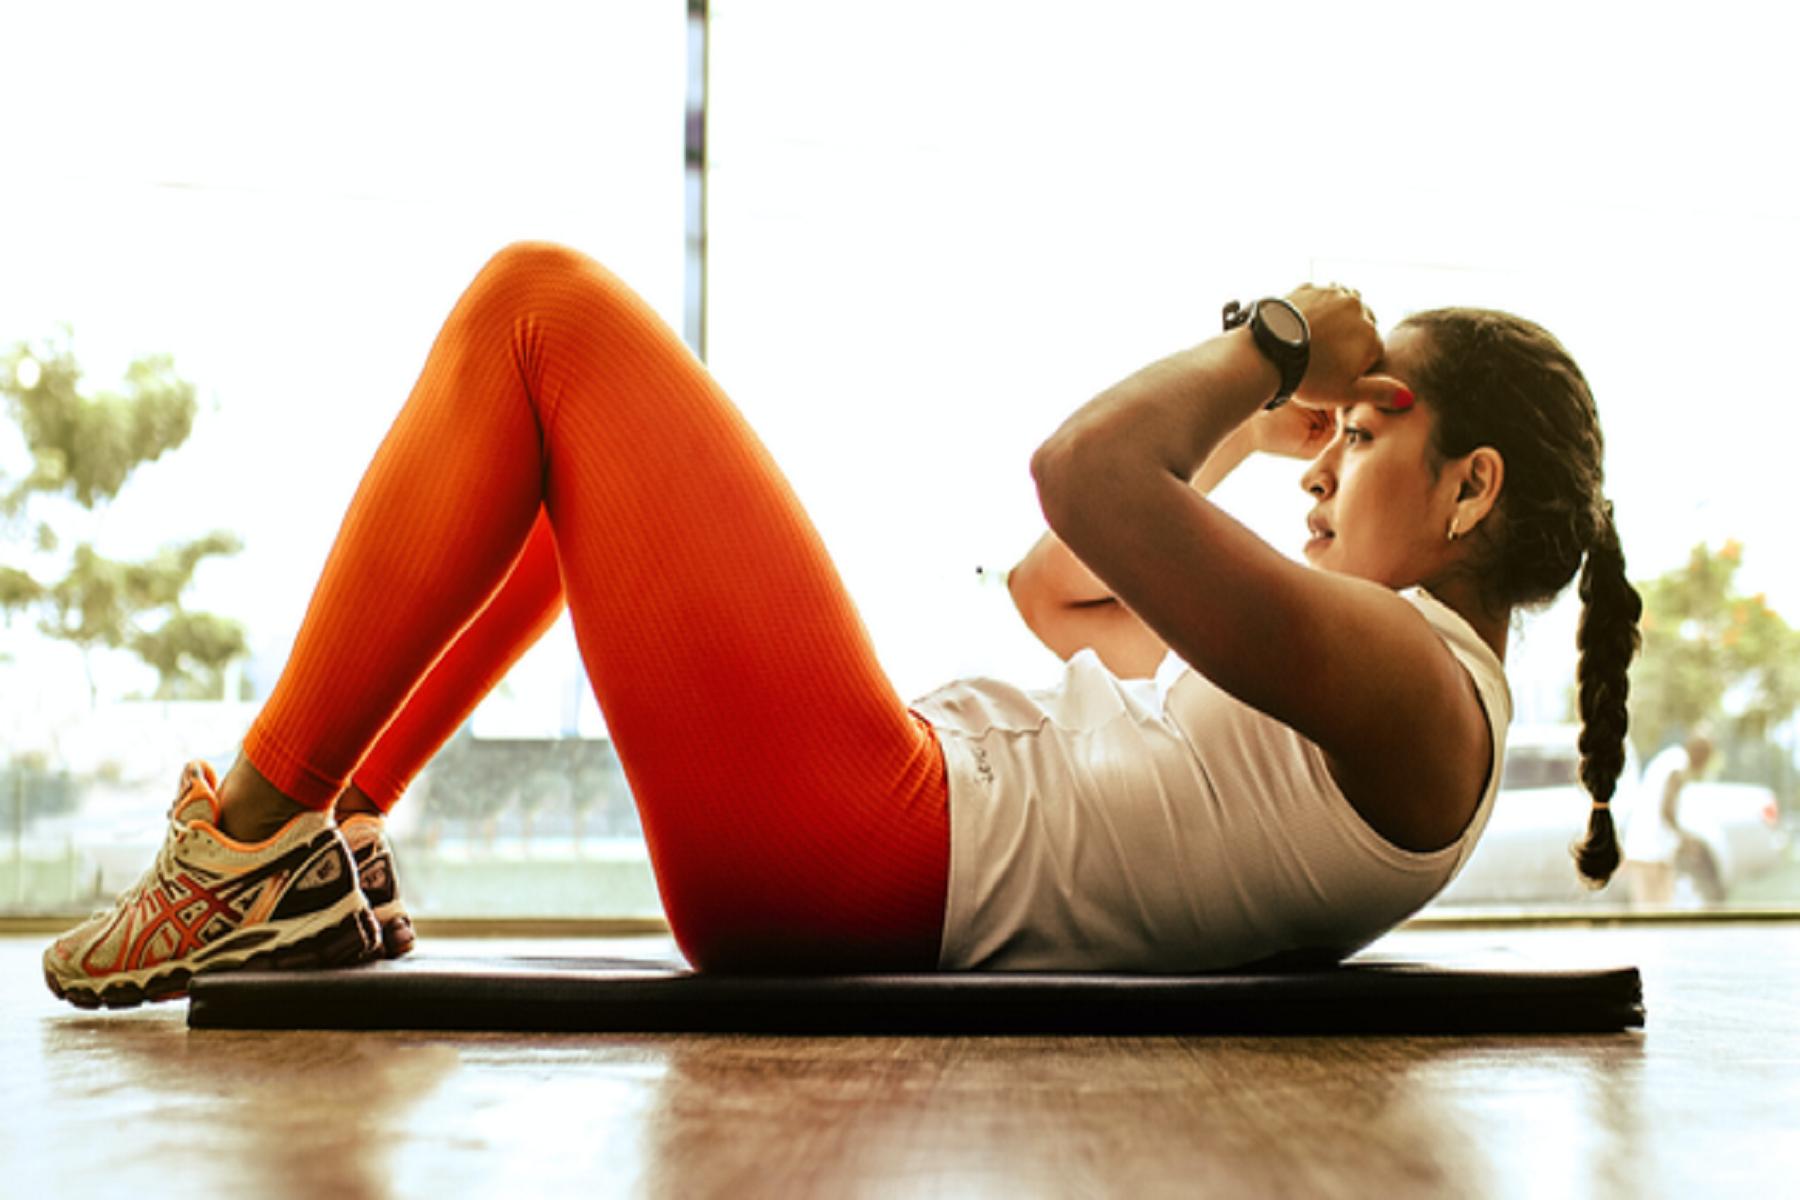 Γυμναστική Αποτέλεσμα: Οι υψηλές προσδοκίες πιθανόν να οδηγούν σε σαμποτάρισμα της προσπάθειας